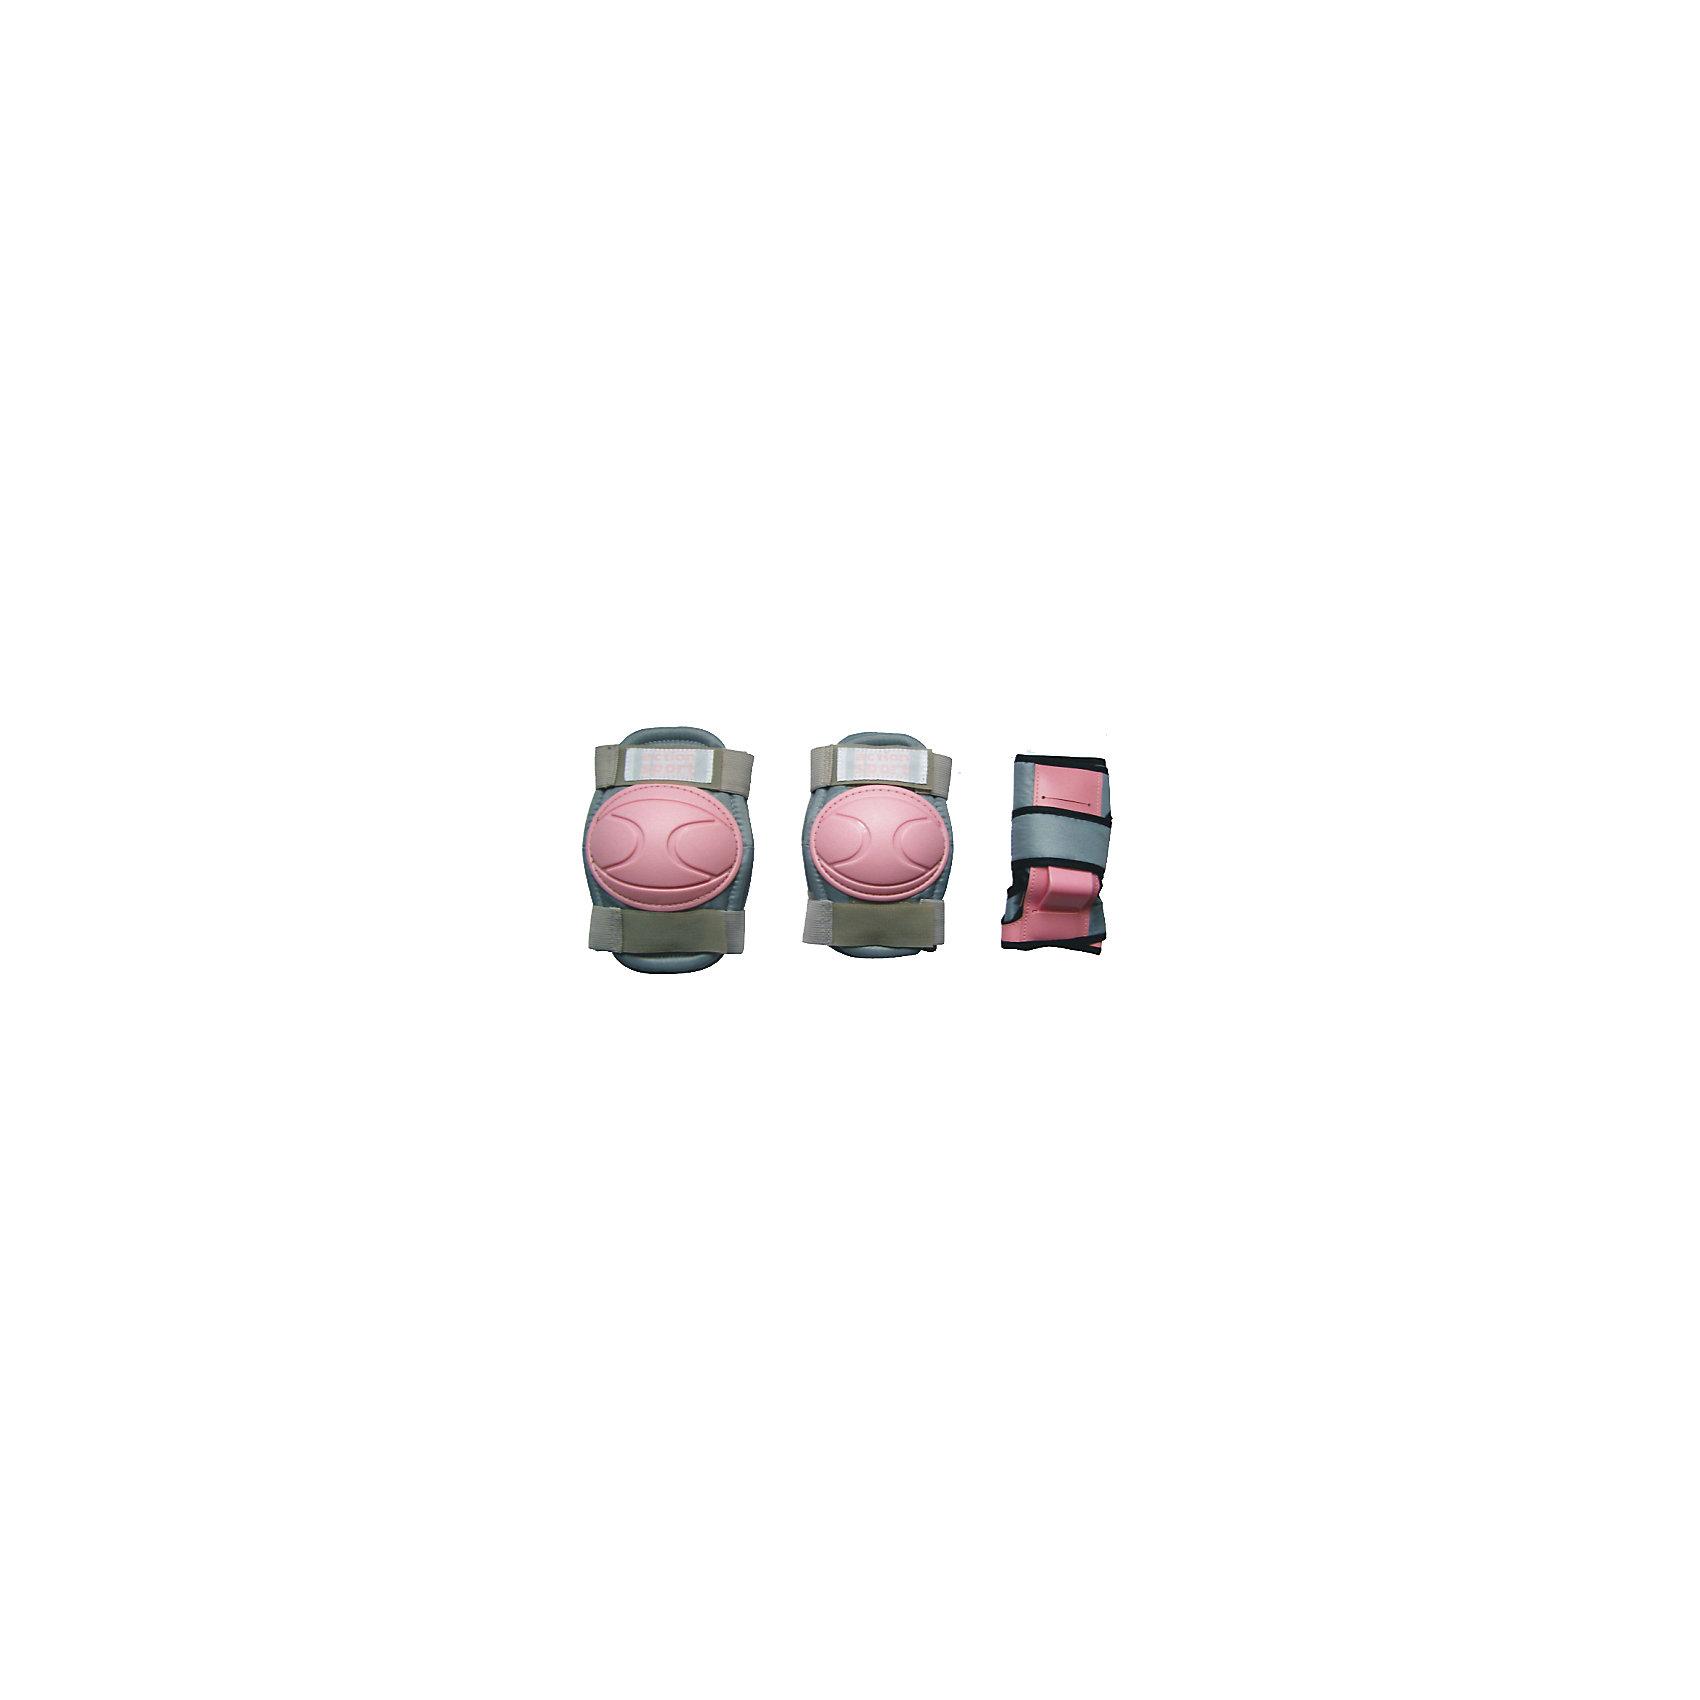 Защита локтя, запястья, колена р.L, ActionХоккей и зимний инвентарь<br>Основные характеристики<br><br>Комплектность: наколенник - 2шт., налокотник - 2шт., наладонник - 2шт.<br>Размер: L (соответствует размерам коньков 38-43)<br>Материалы: основа - нейлон, защитные накладки - поливинилхлорид<br>Цвет: серый/розовый<br>Вид использования: любительское катание на роликовых коньках <br>Страна-производитель: Китай<br>Упаковка: полиэтиленовый пакет с европодвесом<br><br>Наиболее распространённой является тройная защита – наколенники, налокотники и наладонники со специальными пластинами на запястьях. Такой набор защиты для катания на роликовых коньках считается оптимальным, предохраняя от травм самые уязвимые места при катании.<br><br>Ширина мм: 10<br>Глубина мм: 350<br>Высота мм: 160<br>Вес г: 300<br>Возраст от месяцев: 36<br>Возраст до месяцев: 192<br>Пол: Унисекс<br>Возраст: Детский<br>SKU: 5056595